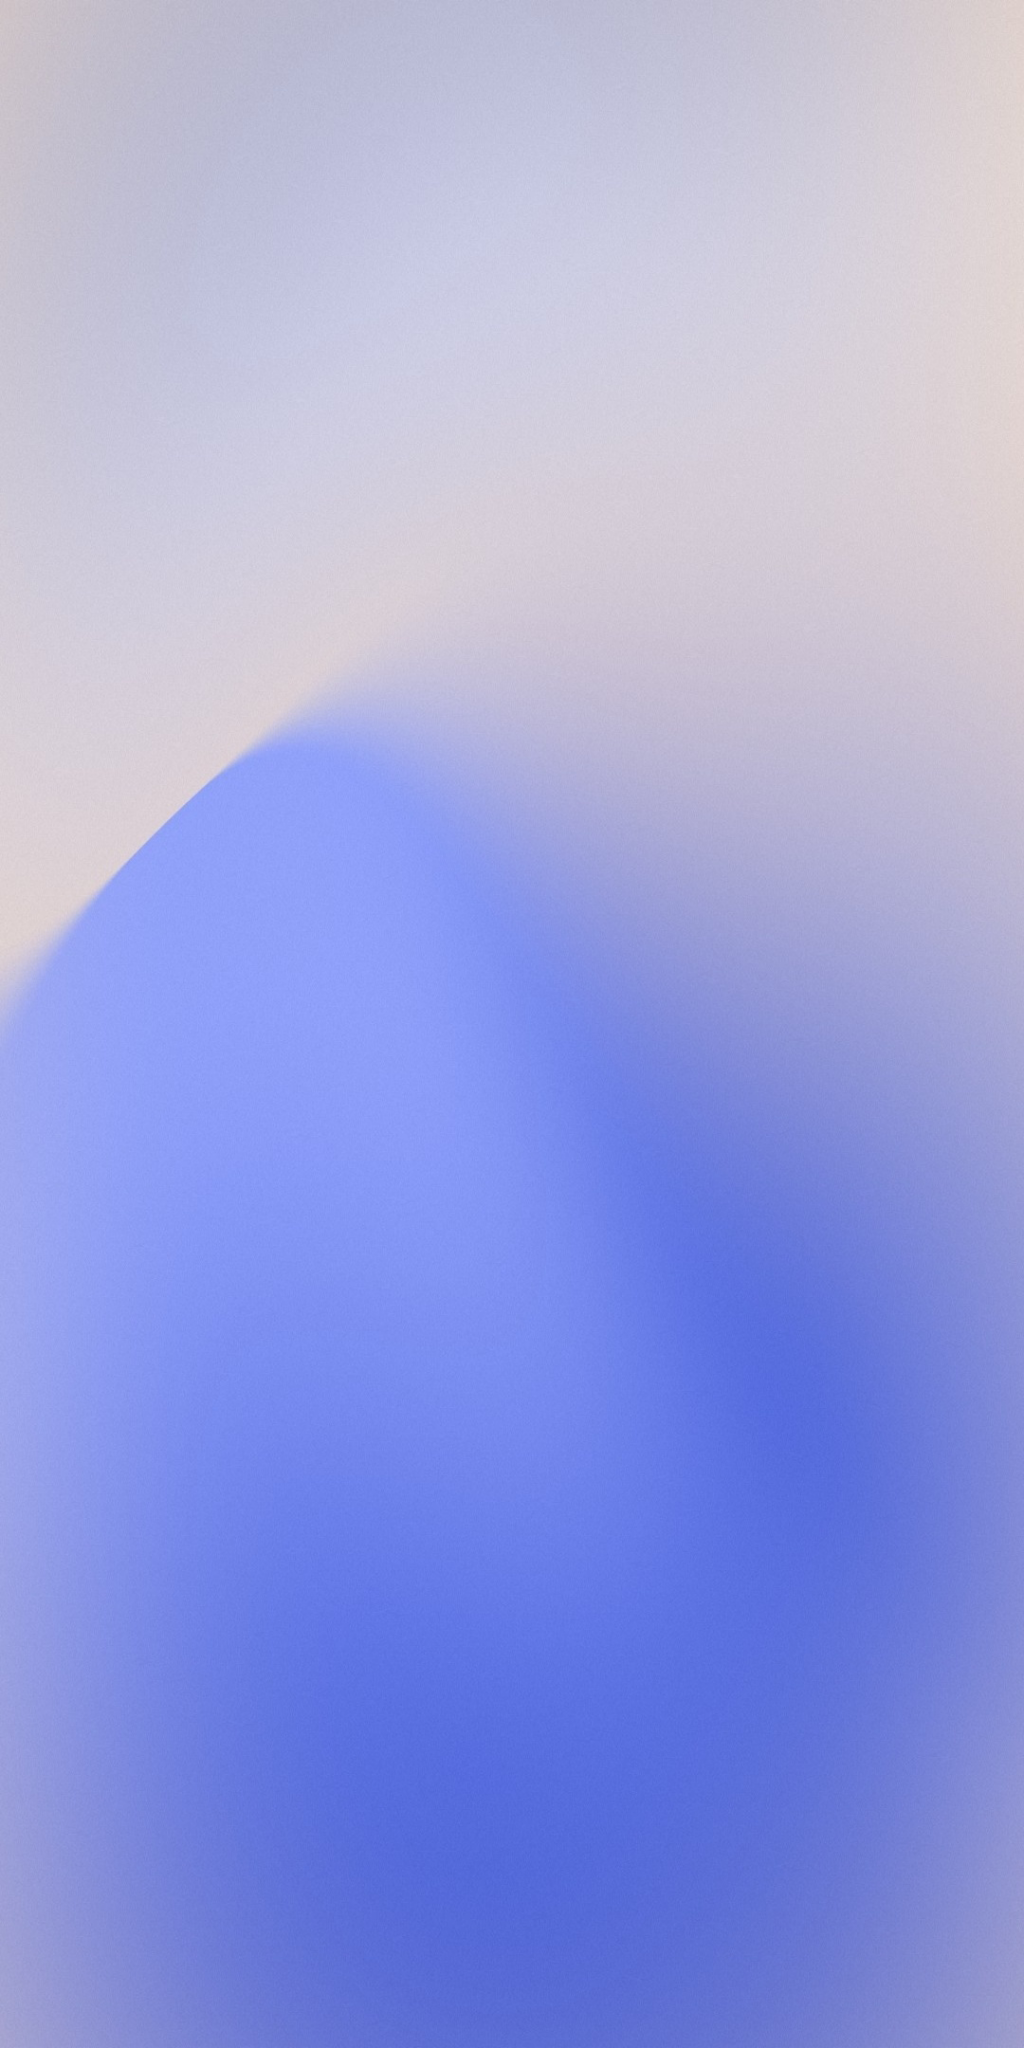 pixel-3a-wallpaper-TechFoogle